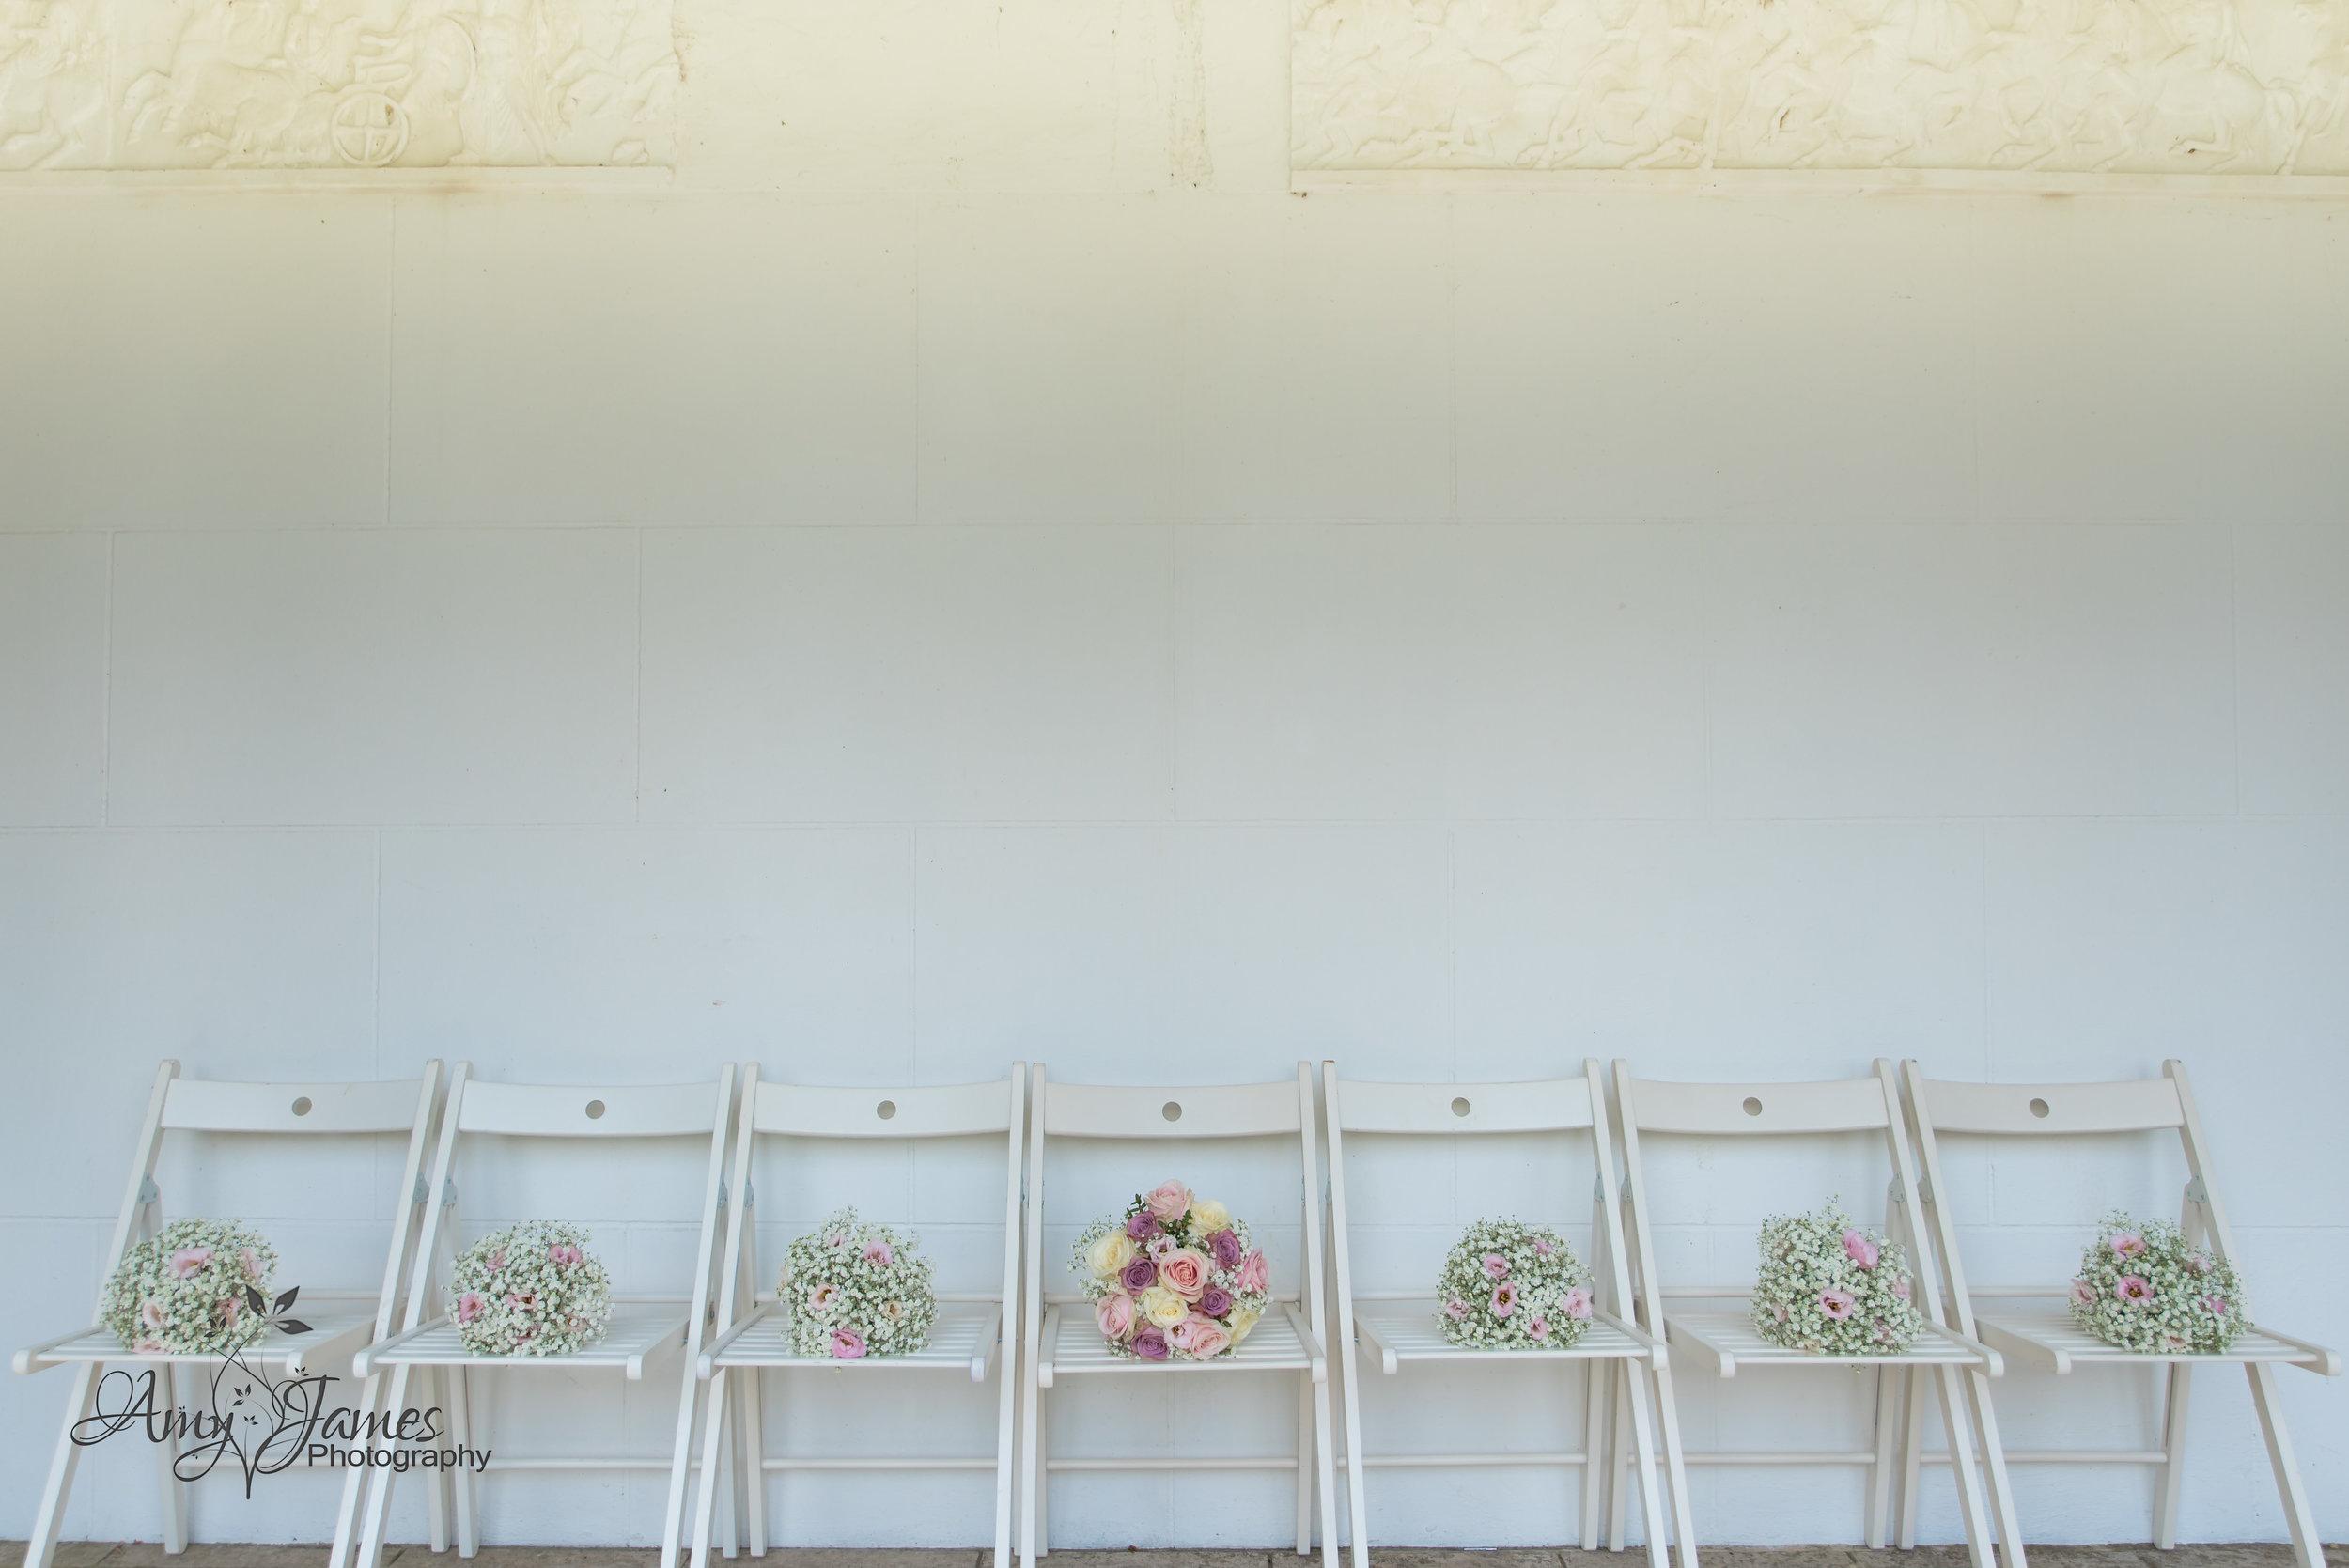 Hampshire Wedding Photographer | Fleet Wedding Phtographer | Highfield Park Wedding Venue | Highfield Park Wedding Photographer | Amy James Photography